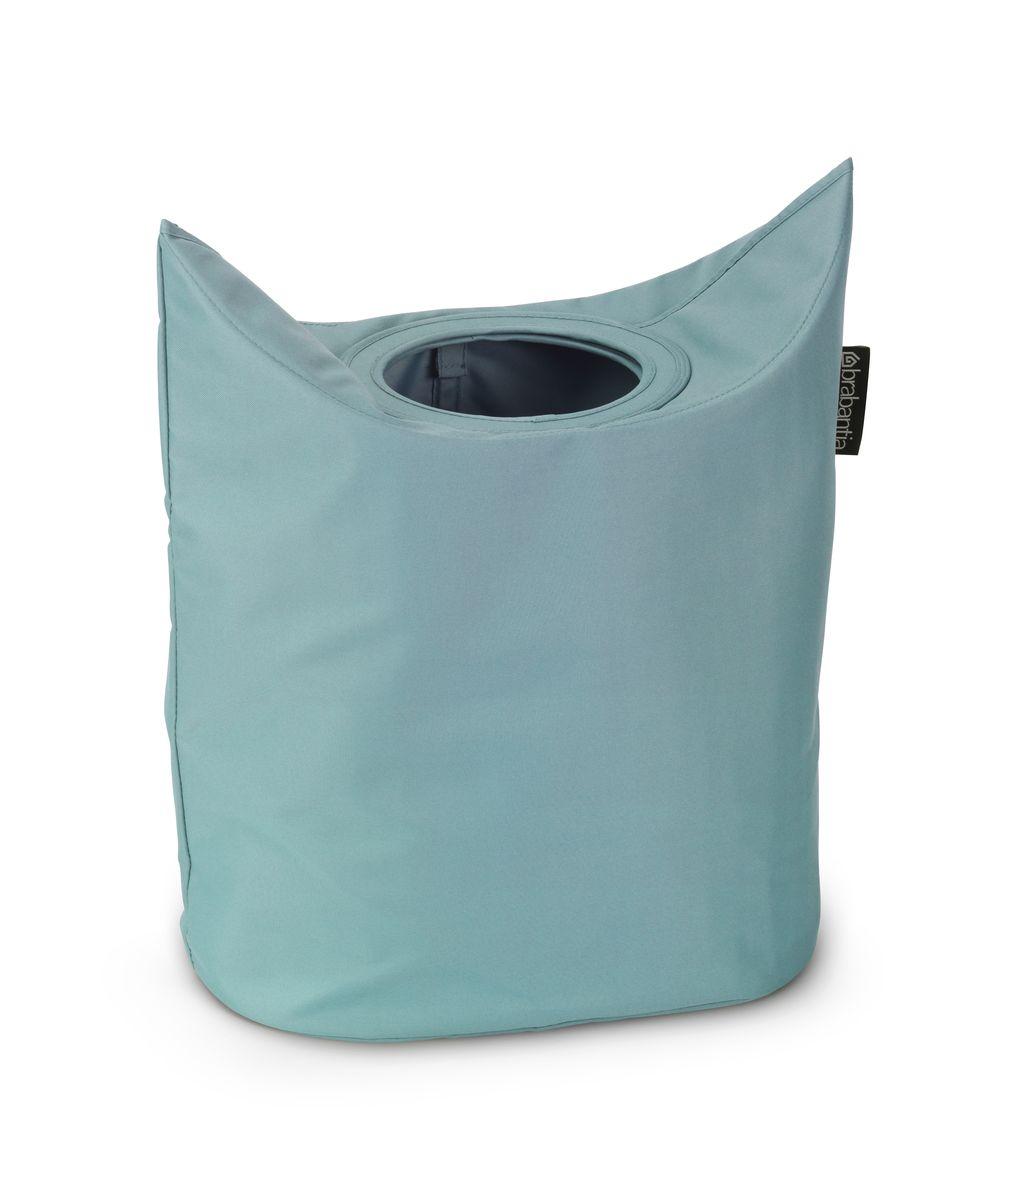 Сумка для белья Brabantia, цвет: мятный, 50 л. 102509102509Оригинальная сумка для белья Brabantia экономит место и превращает вашу стирку в увлекательное занятие. С помощью складывающихся магнитных ручек сумка закрывается и превращается в корзину для белья с загрузочным отверстием. Собрались стирать? Поднимите ручки, и ваша сумка готова к использованию. Особенности: Загрузочное отверстие для быстрой загрузки белья – просто сложите магнитные ручки; Большие удобные ручки для переноски; Удобно загружать белье в стиральную машину – большая вместимость и широкое отверстие; 2 года гарантии Brabantia; Объем 50 л.